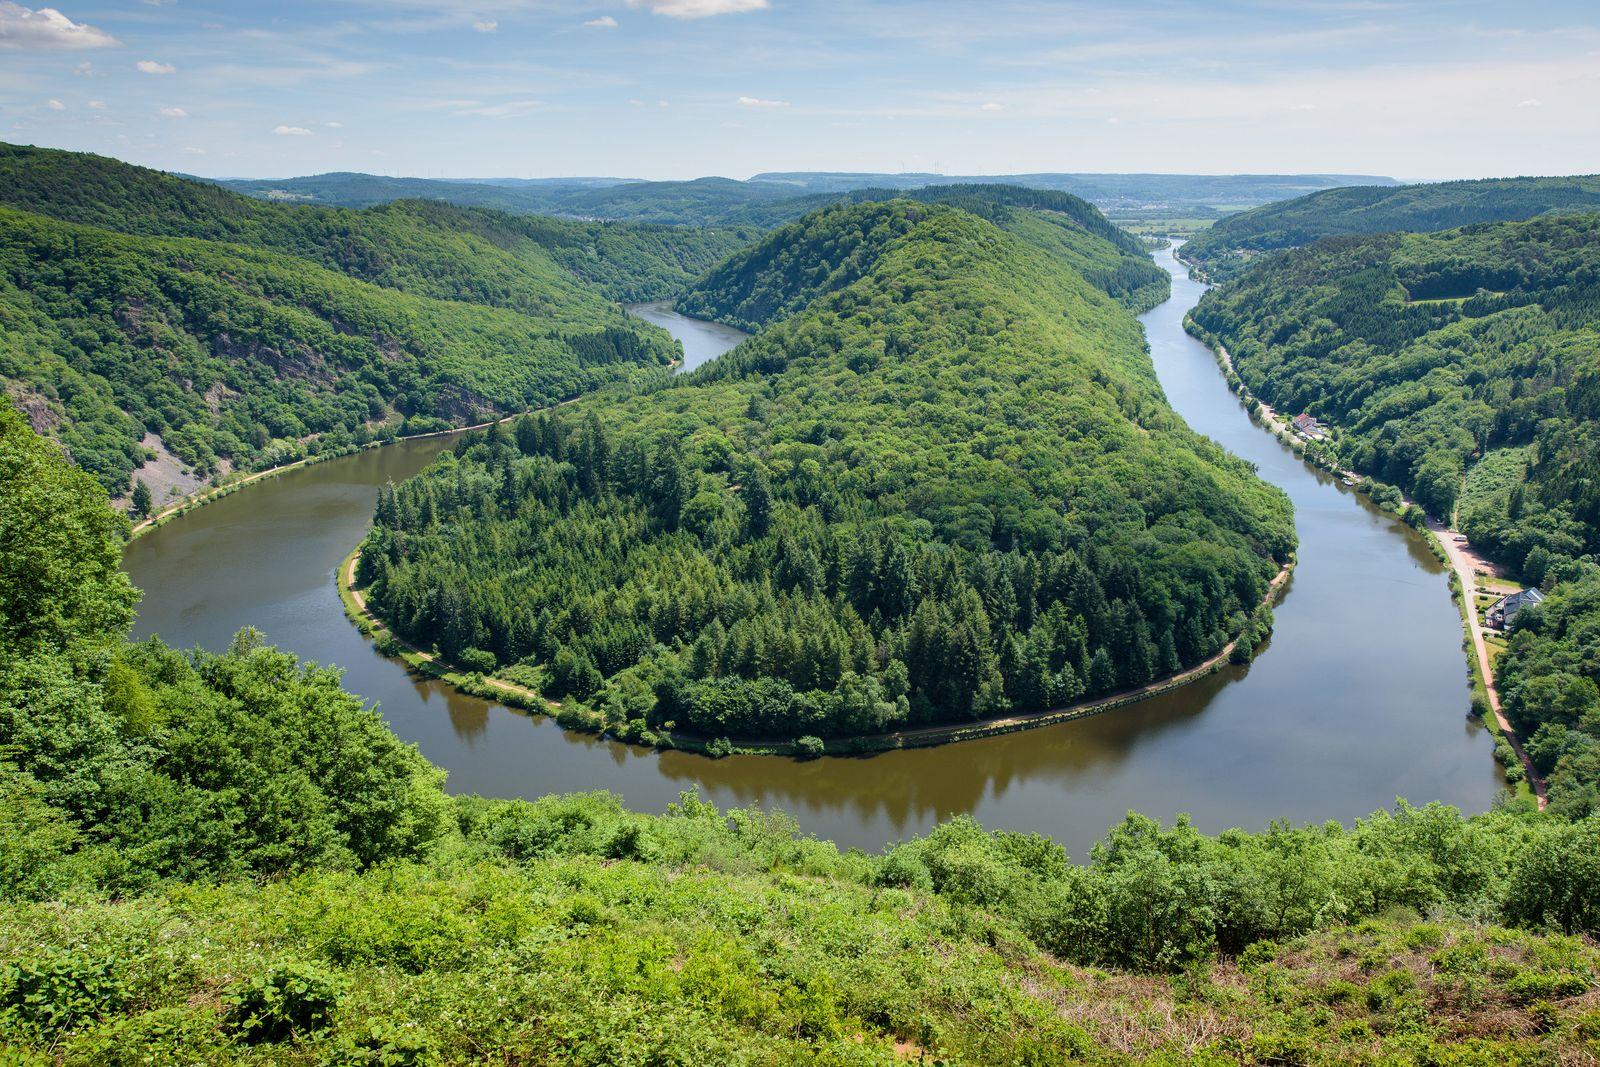 Urlaubstipps:Wo Deutschland wild und einsam ist